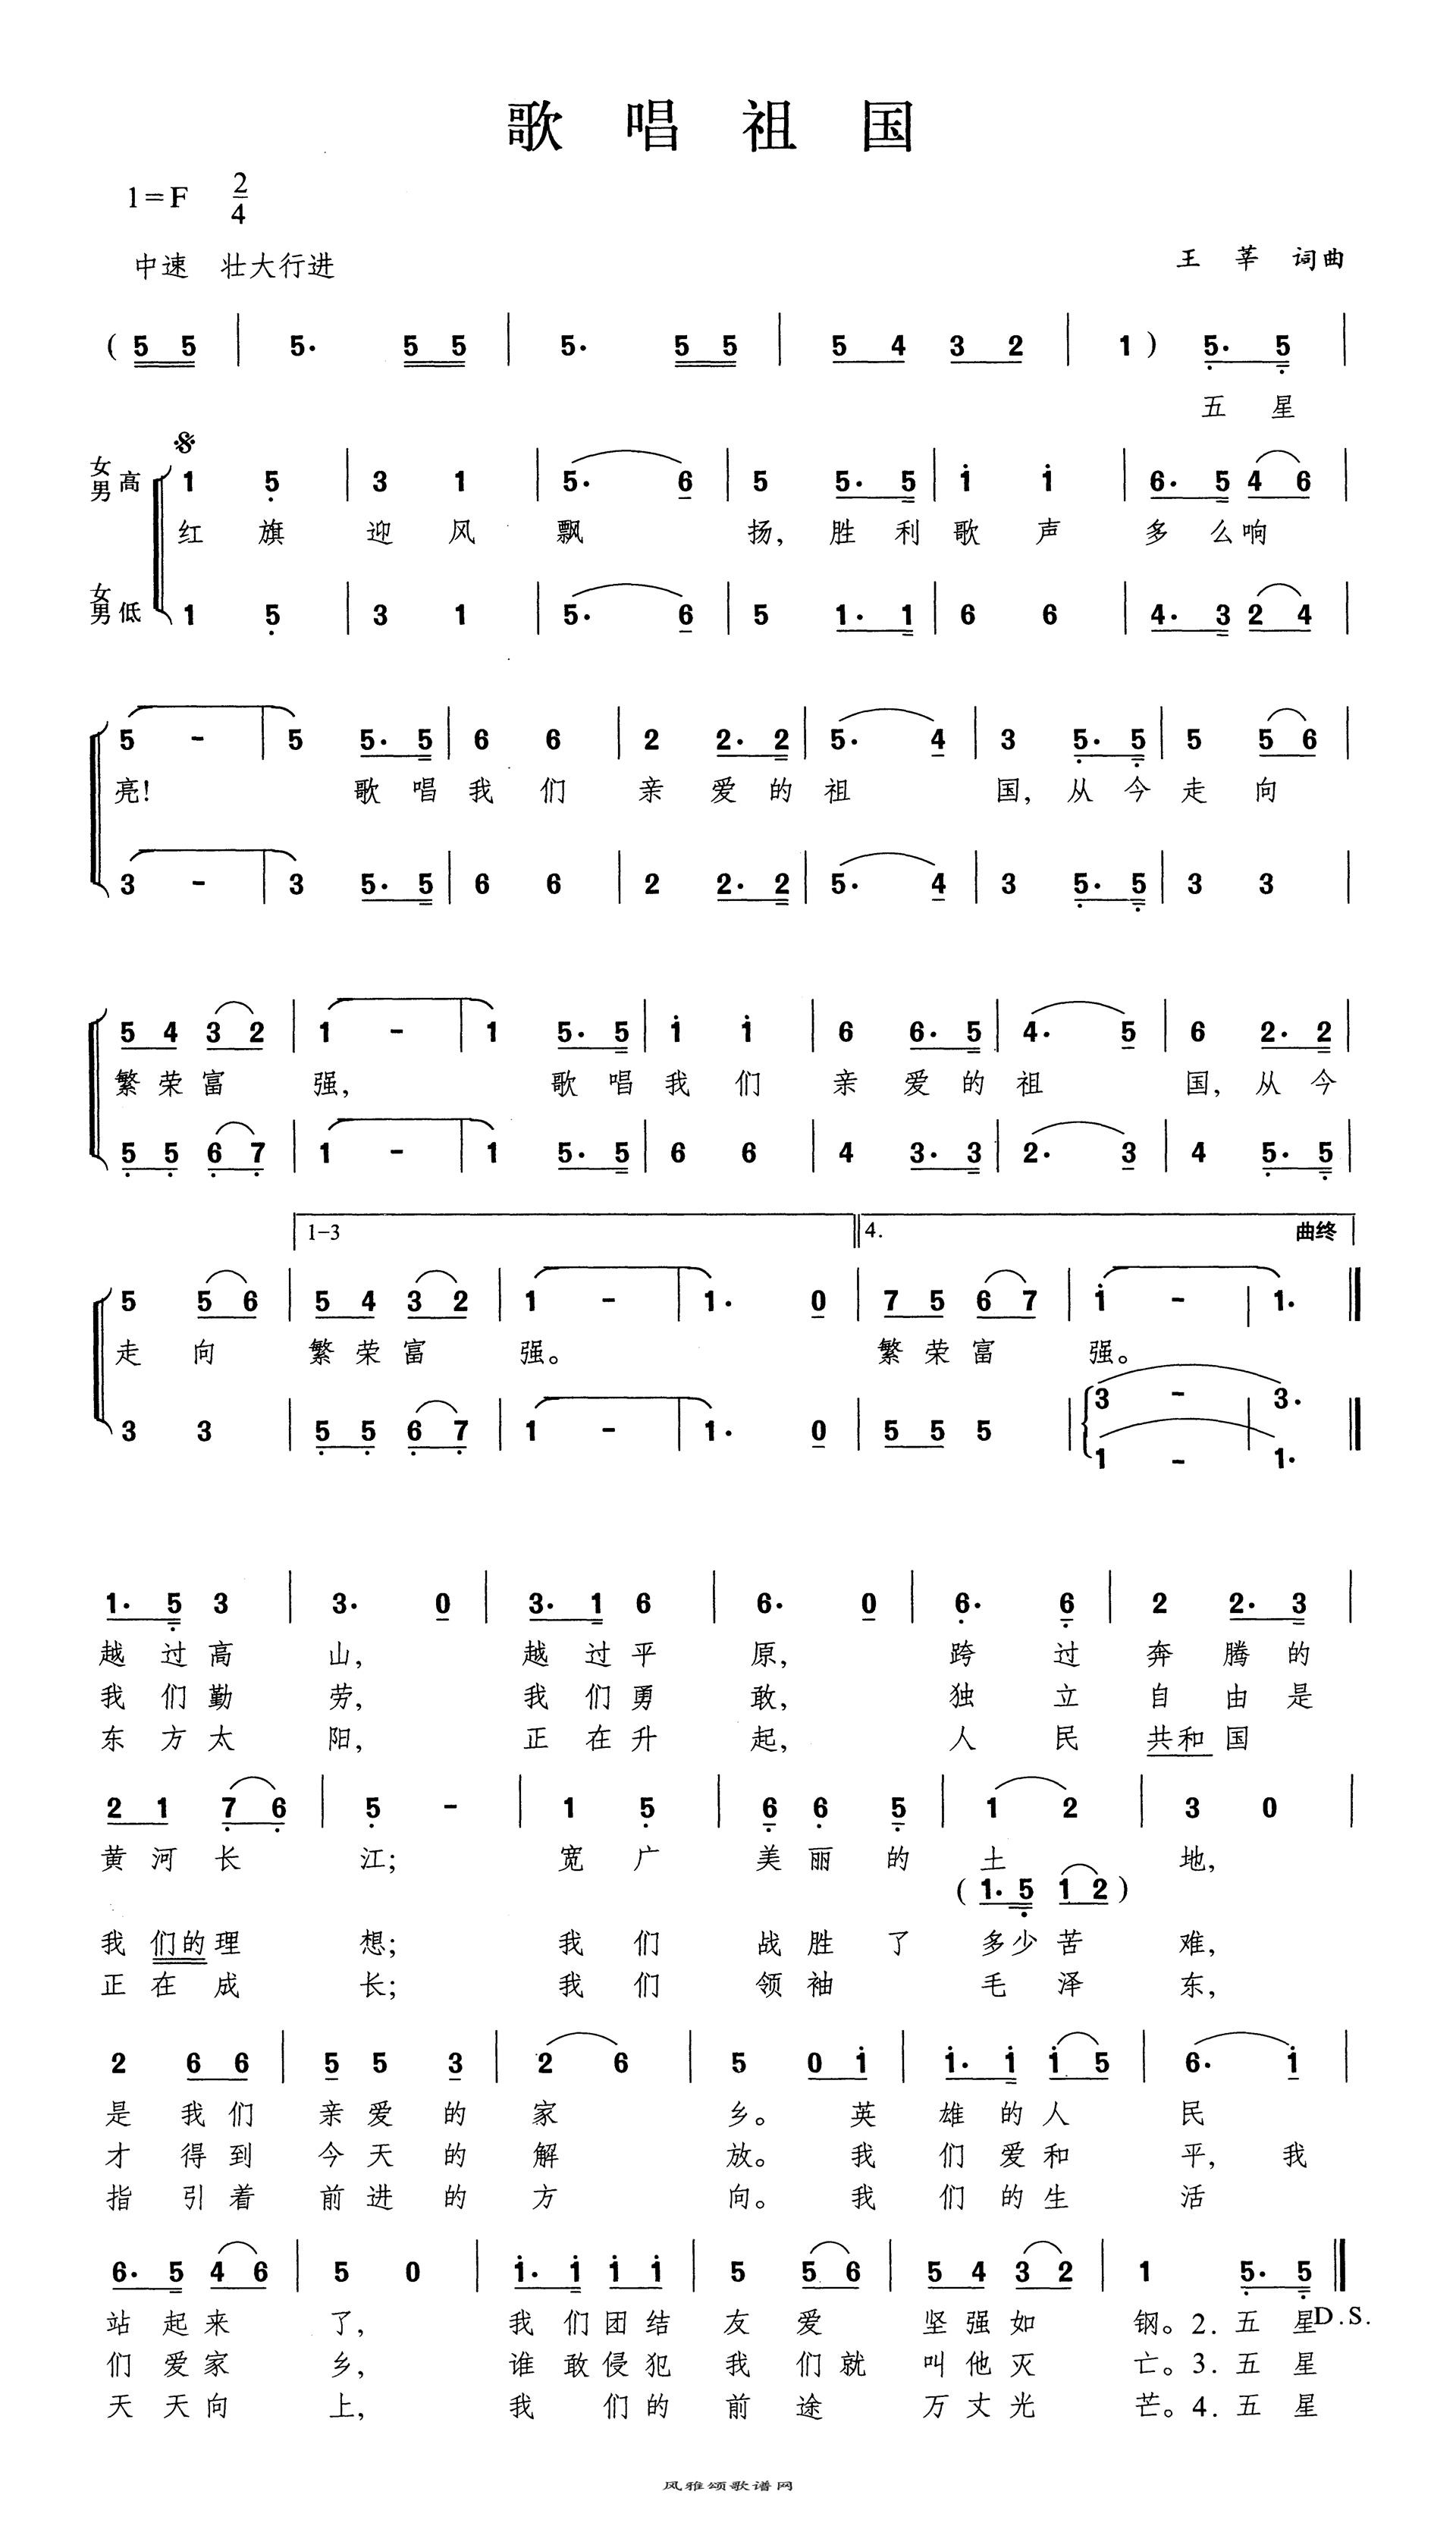 歌唱祖国(中国)高清打印歌谱简谱